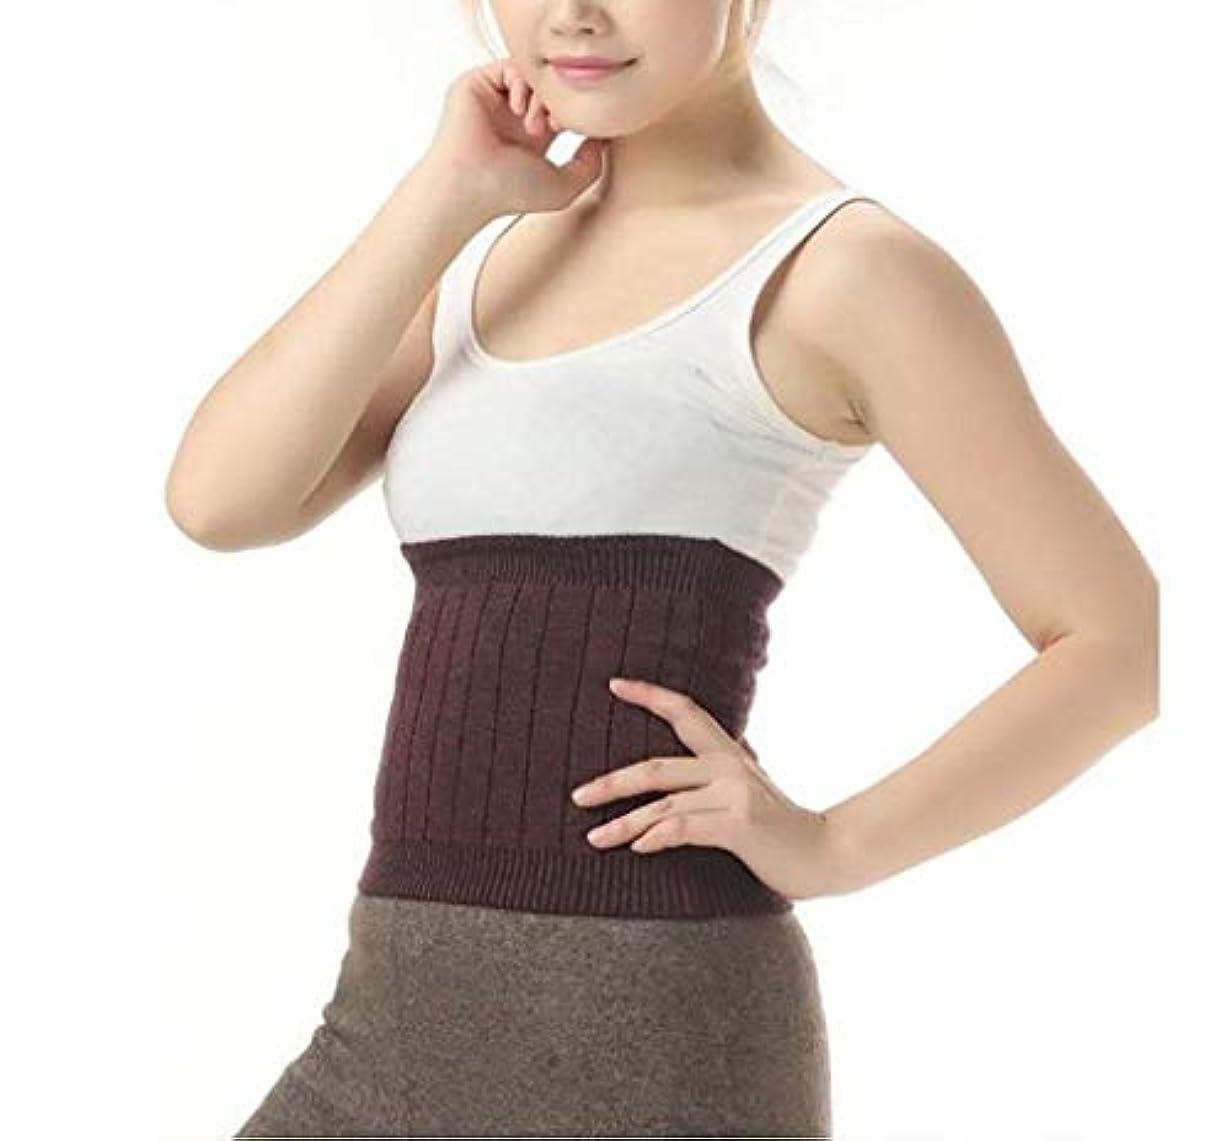 クリックちょっと待ってオーストラリア冬/フィットネスのサイズに適した暖かいベルト、人間工学に基づいて設計女性のウエストベルトウールウォーム腎臓をウエストベルト、:22センチメートル* 26センチメートル